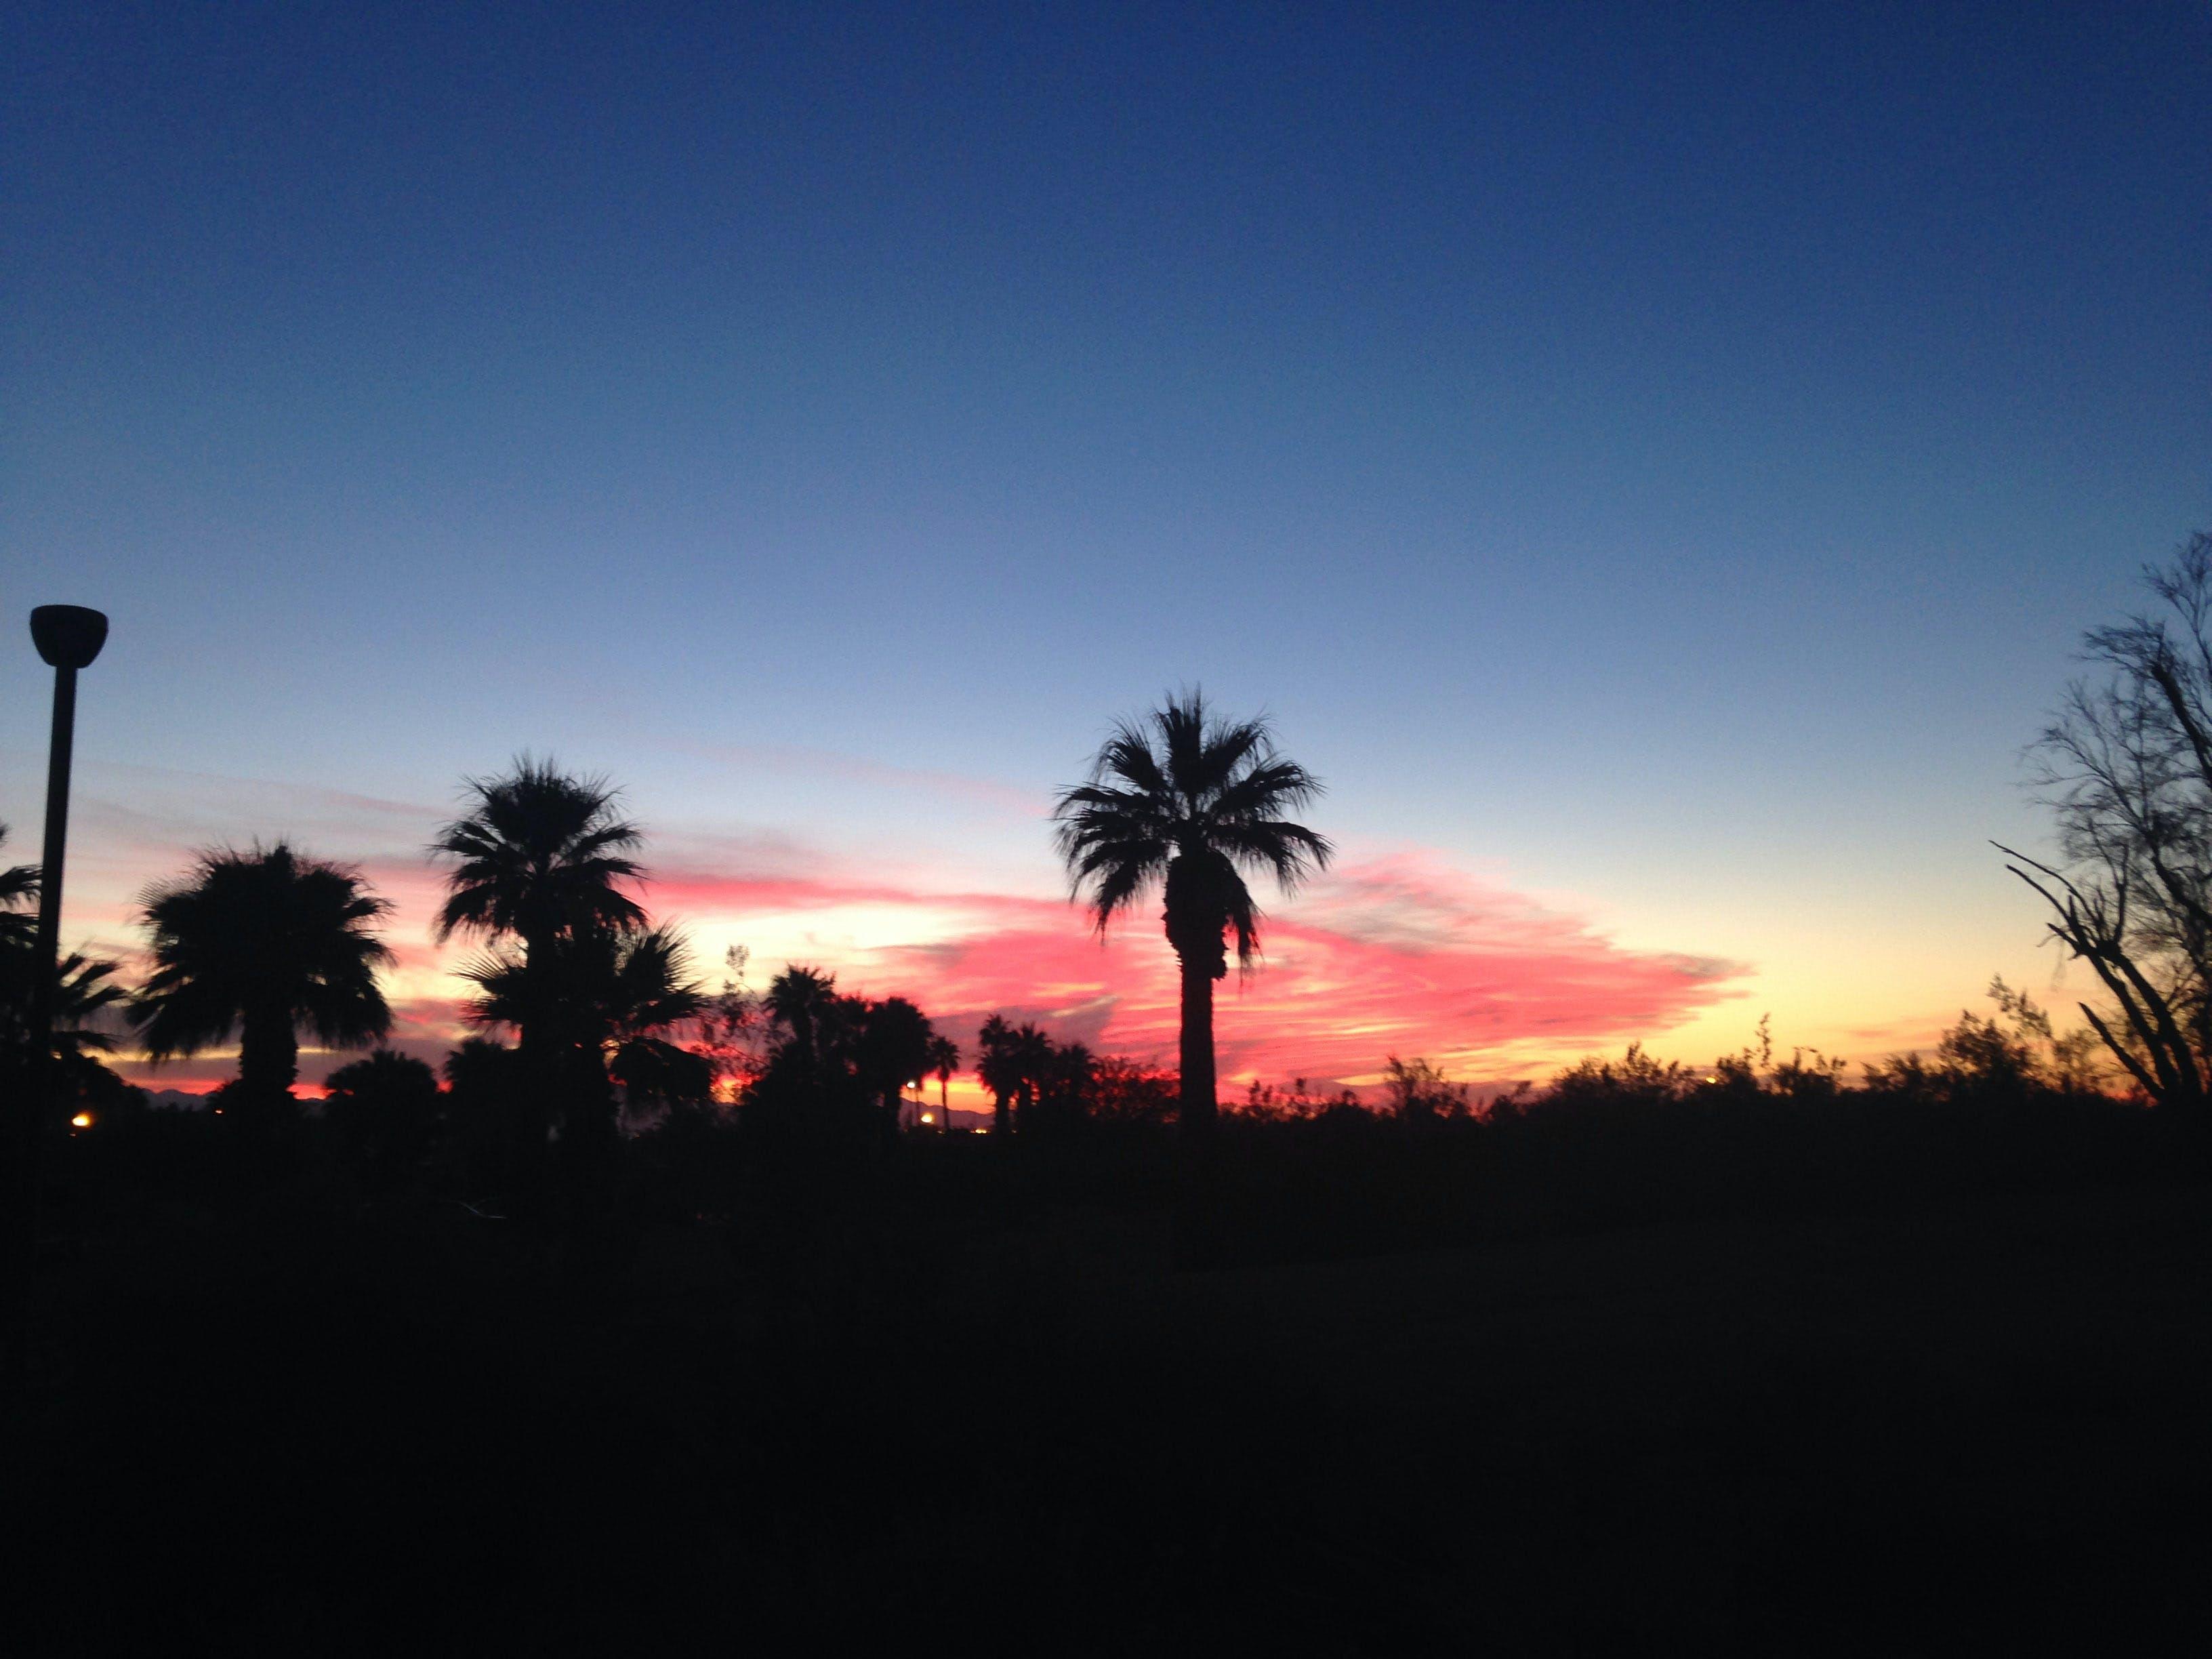 Gratis lagerfoto af blå himmel, palmetræ, skyline, solnedgang